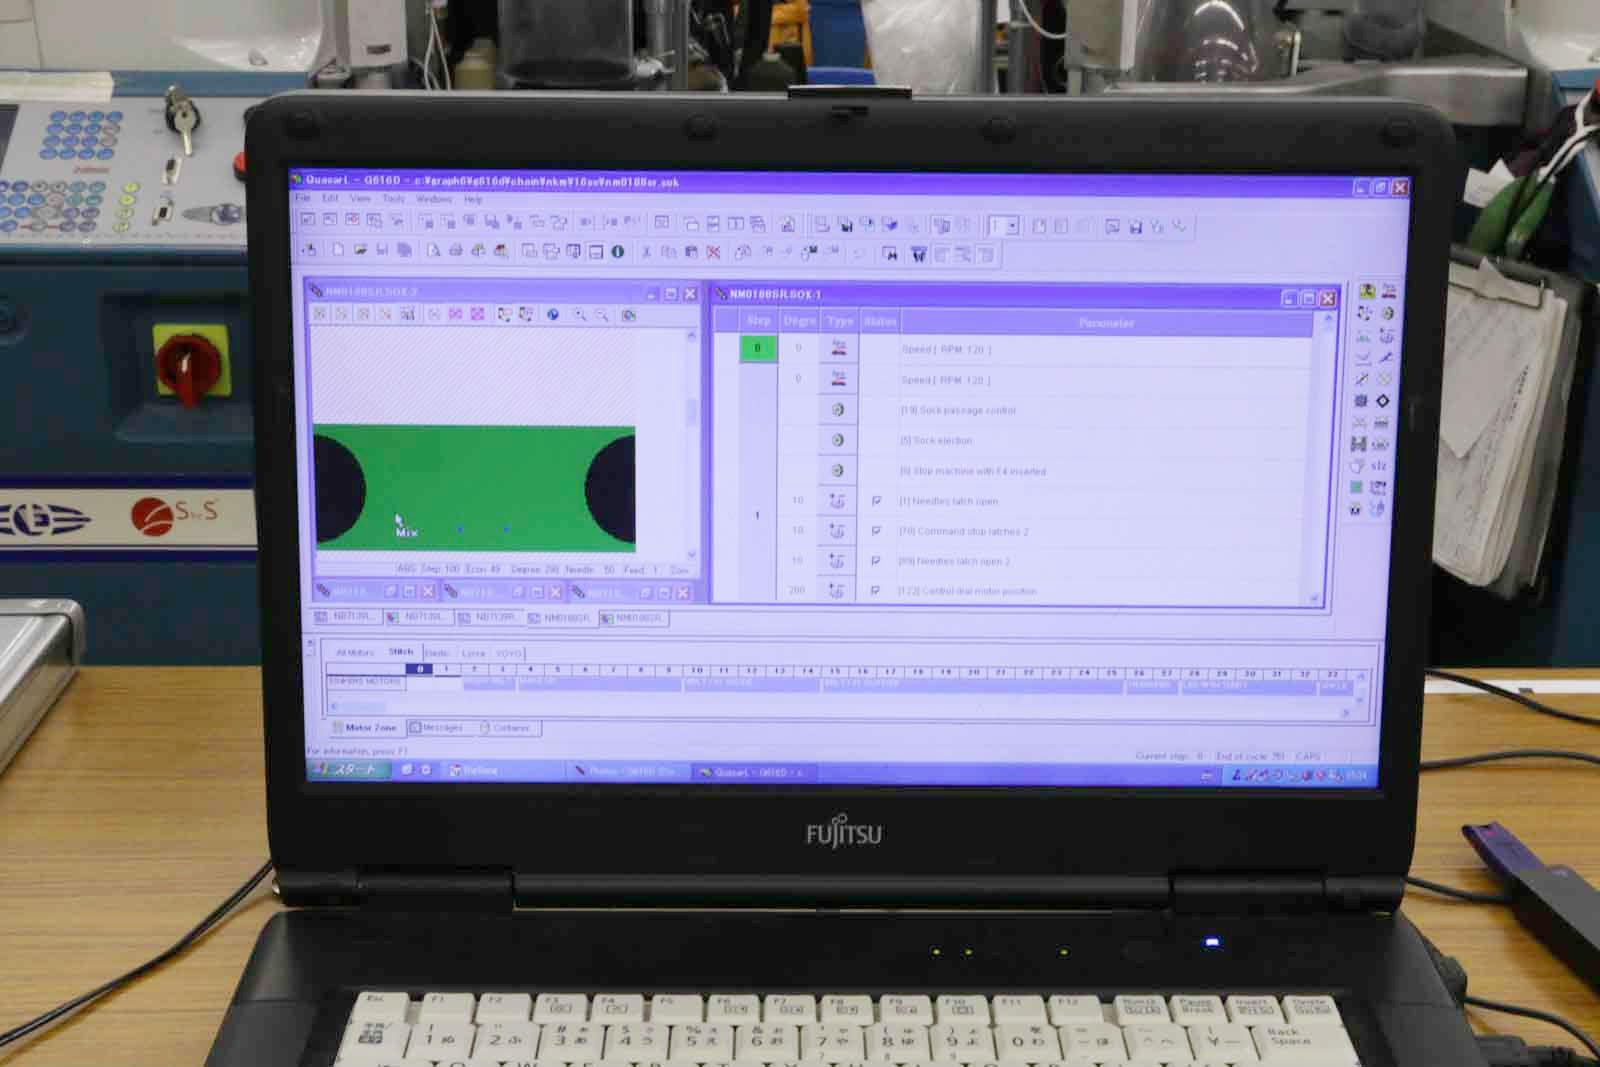 実際のプログラム画面。組織図や機械への指示が細かく書き込まれている